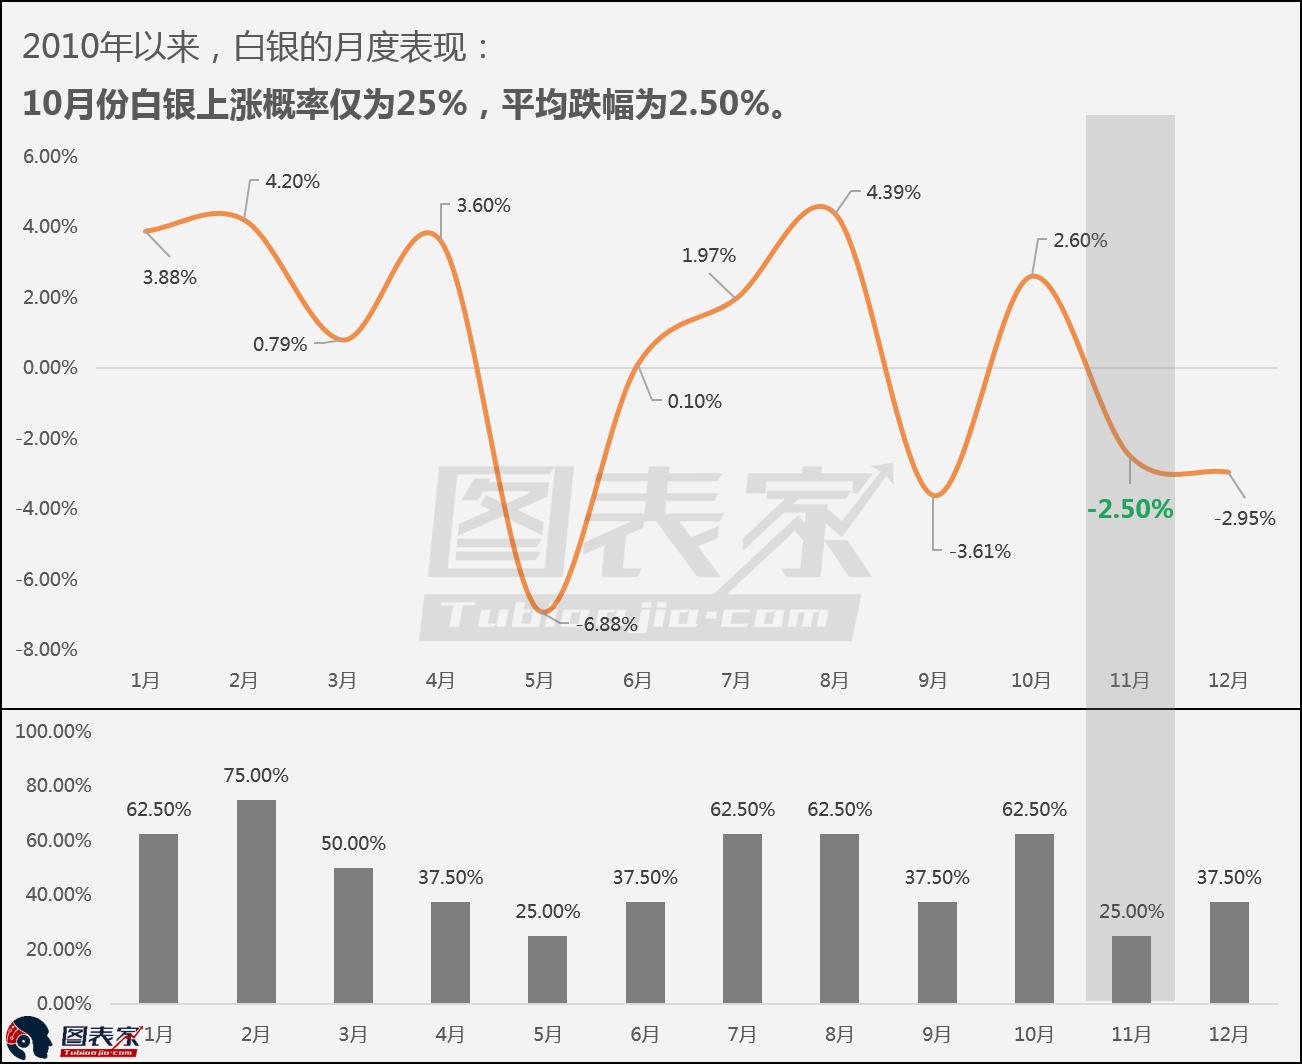 这清楚的表明,白银11月份下跌概率高达75%,平均涨跌幅为-2.50%。